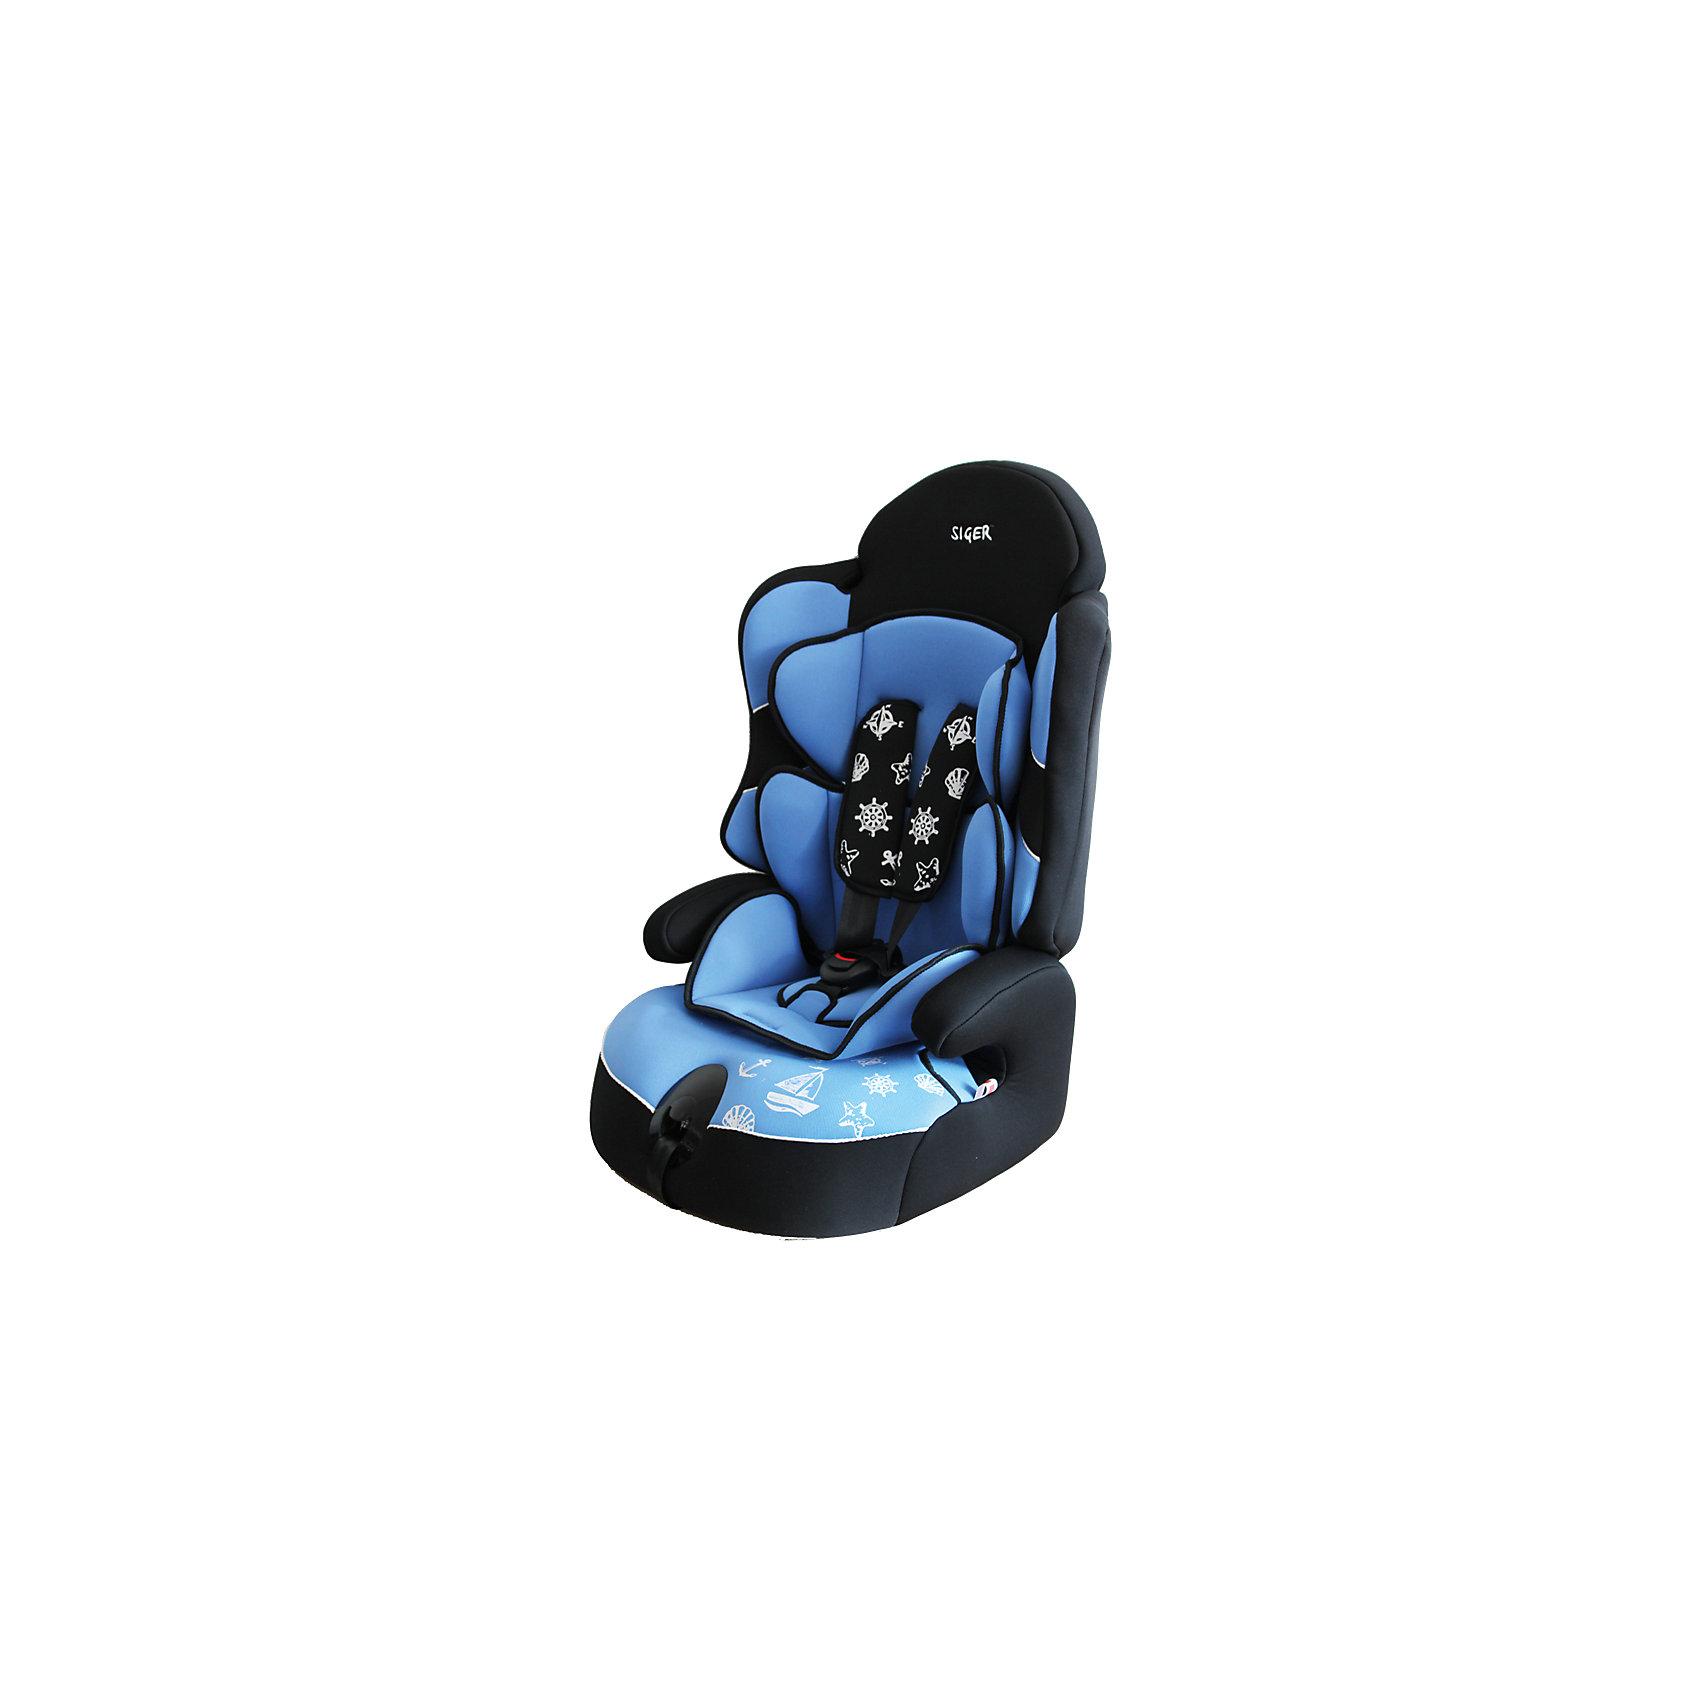 Автокресло Siger Драйв, 9-36 кг, голубой